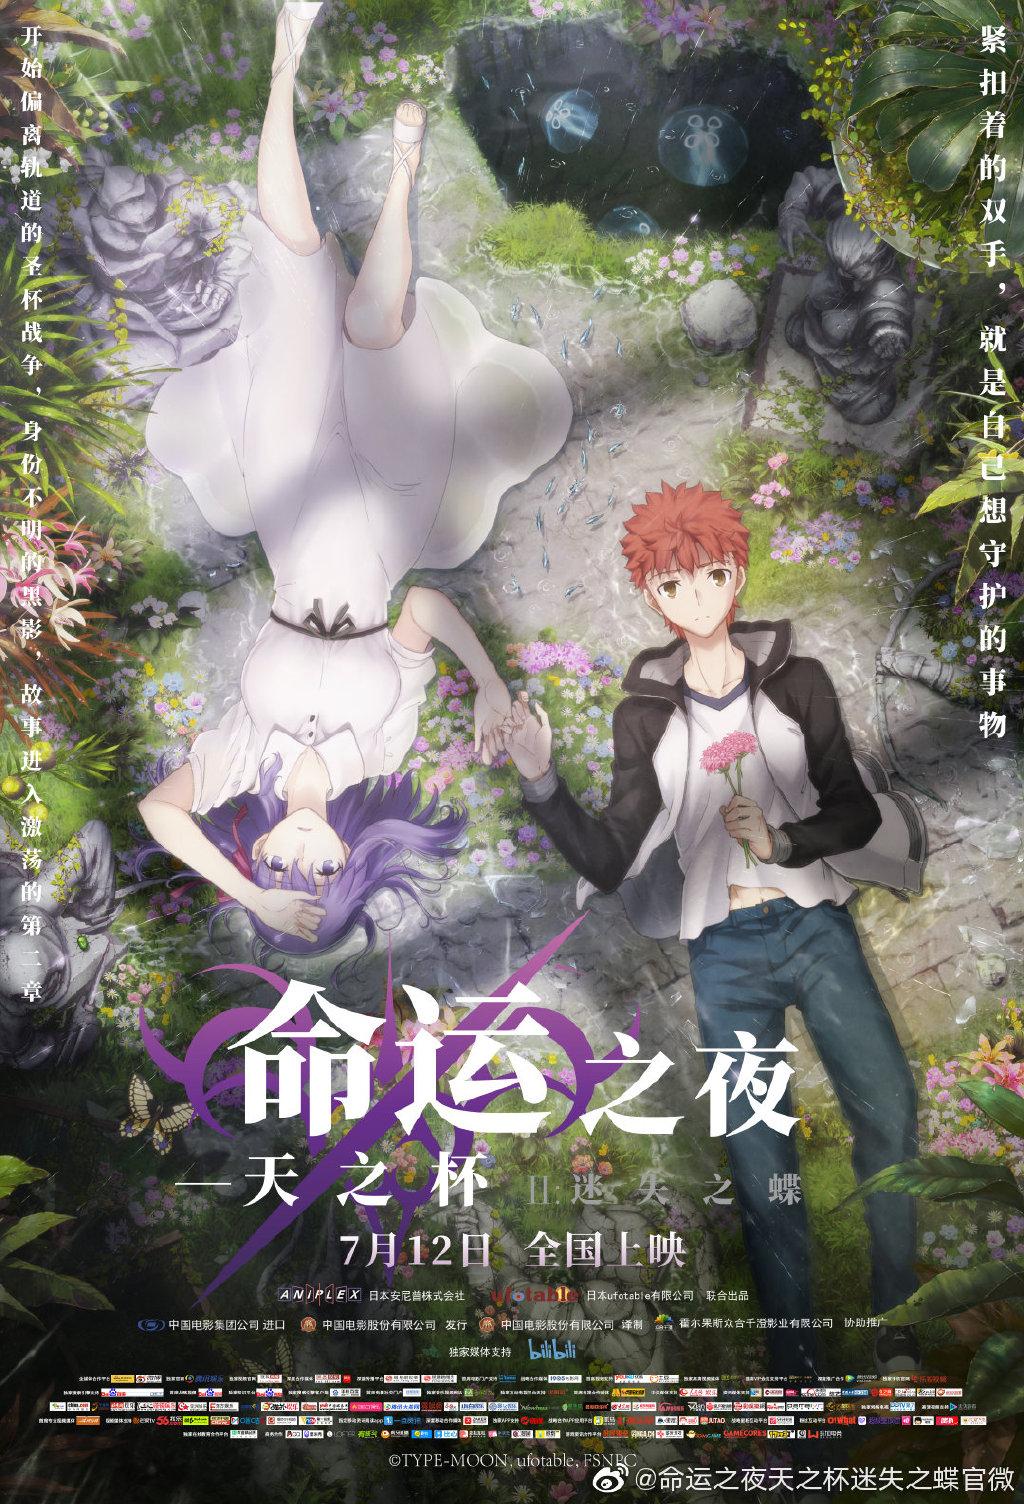 剧场版《命运之夜——天之杯II :迷失之蝶》7月12日中国大陆上映